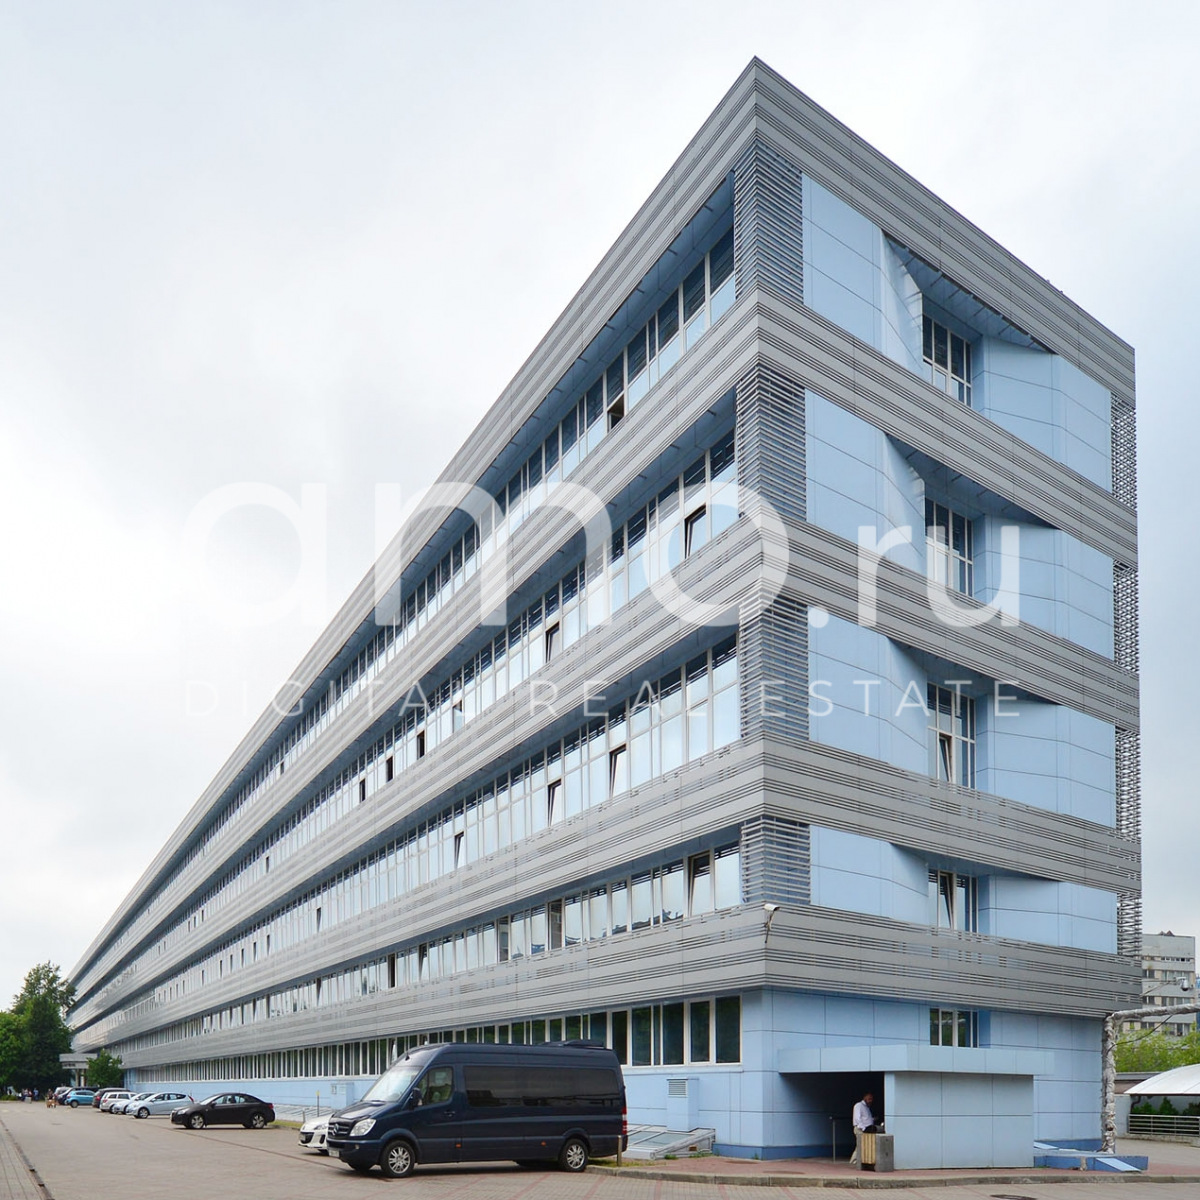 Офисные помещения под ключ Яузский бульвар поиск Коммерческой недвижимости Мясниковская 1-я улица